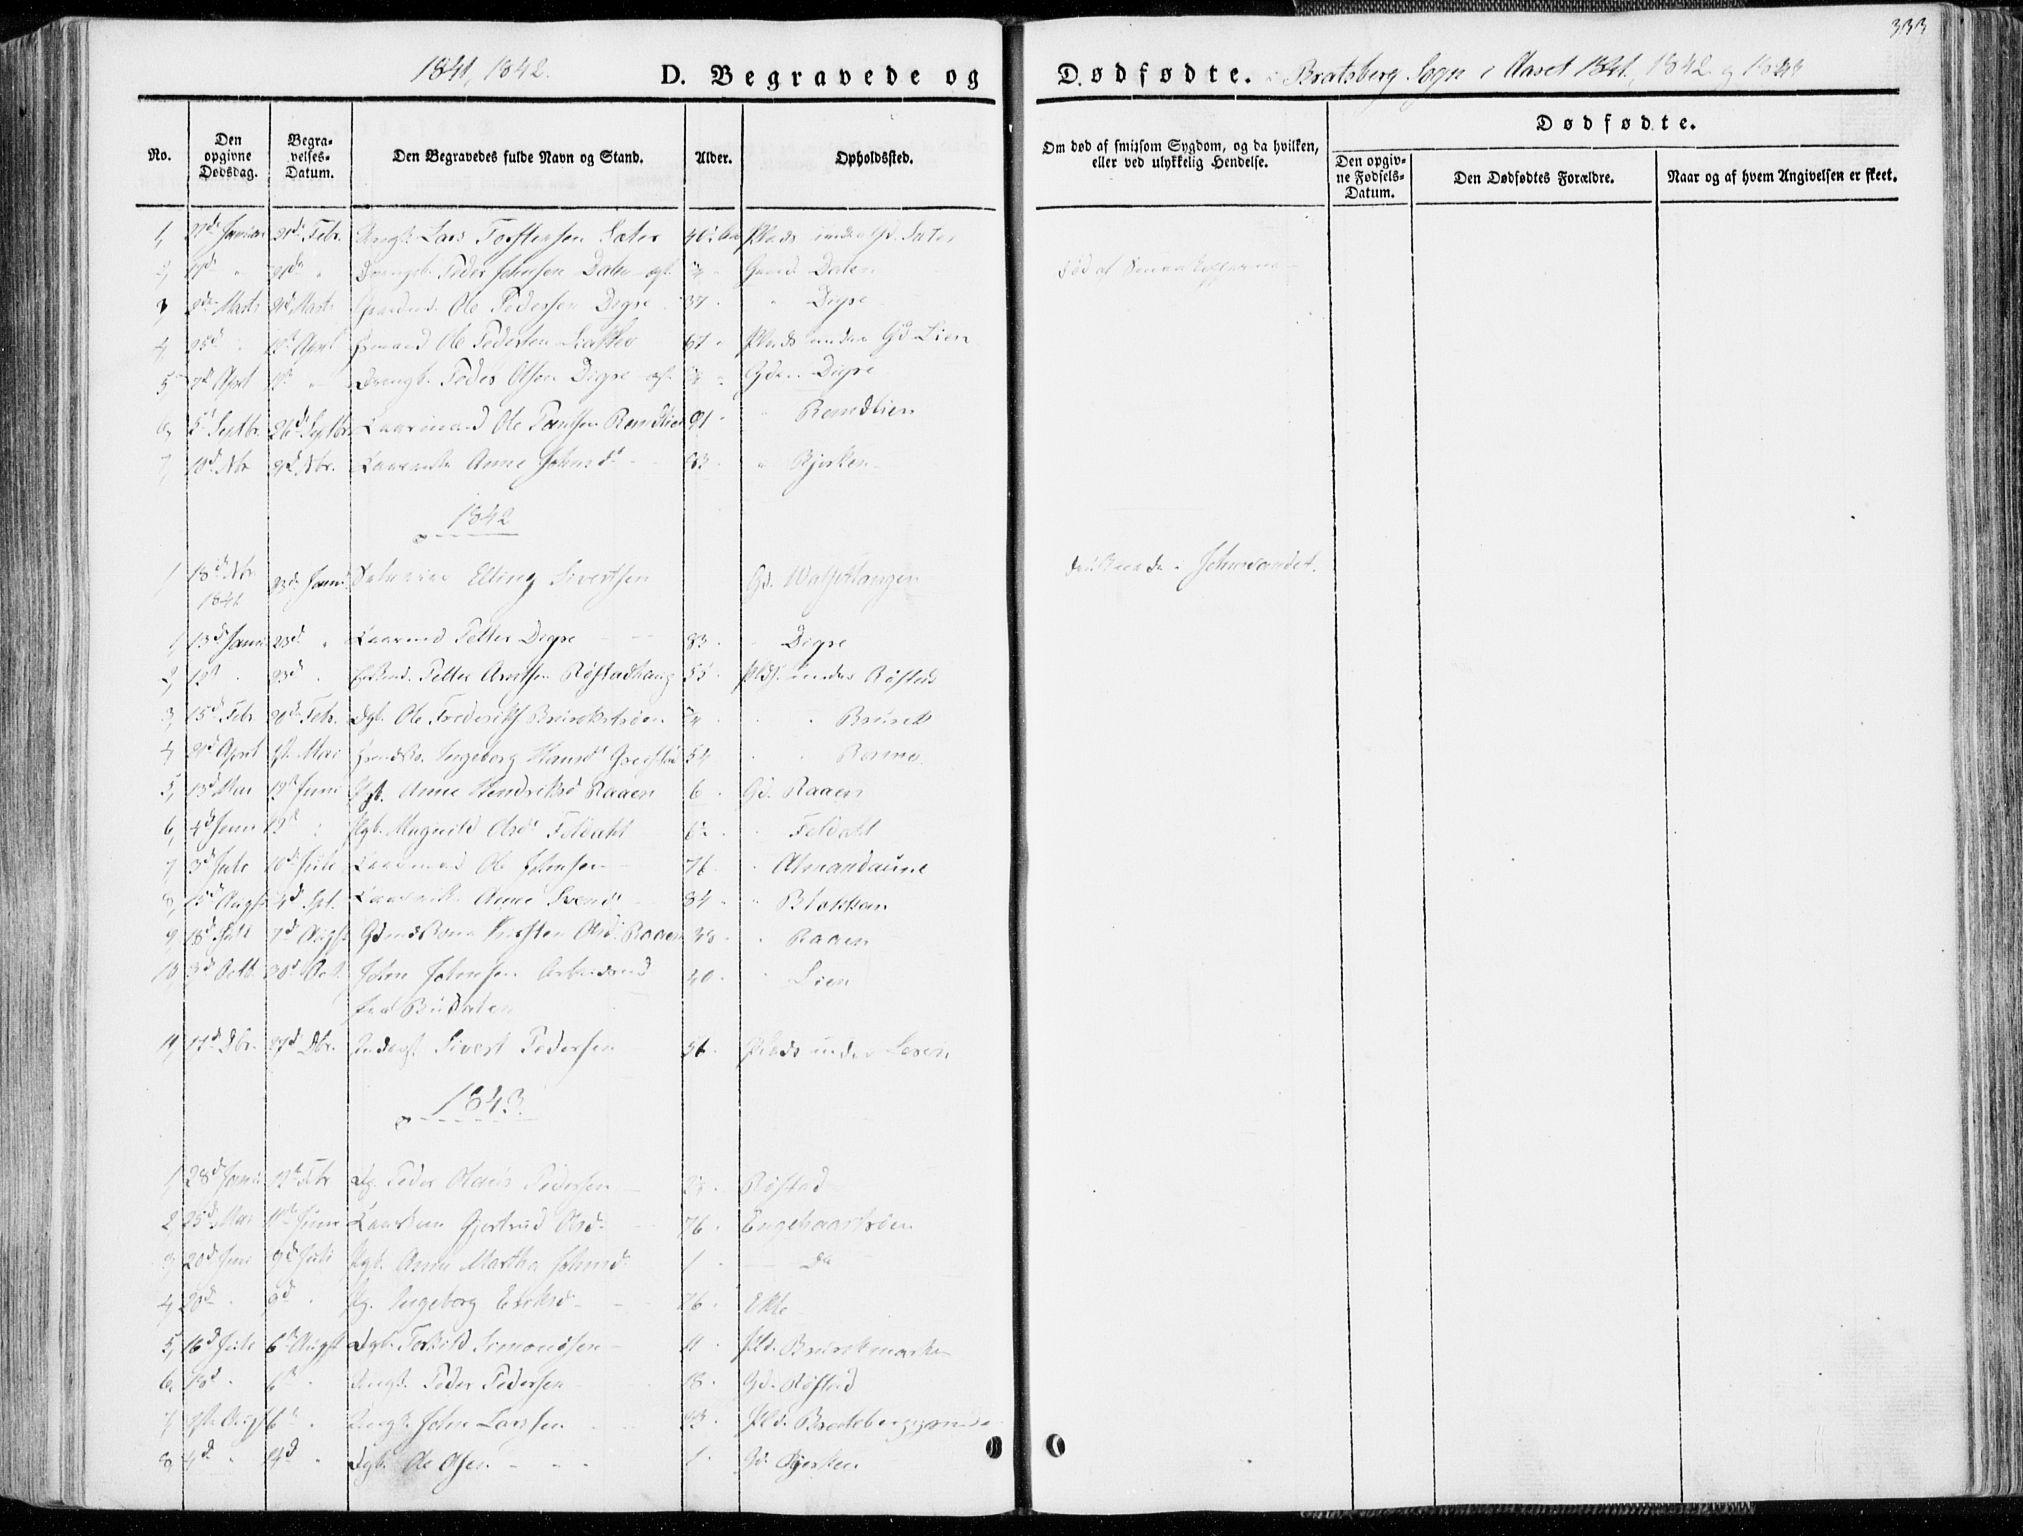 SAT, Ministerialprotokoller, klokkerbøker og fødselsregistre - Sør-Trøndelag, 606/L0290: Ministerialbok nr. 606A05, 1841-1847, s. 333